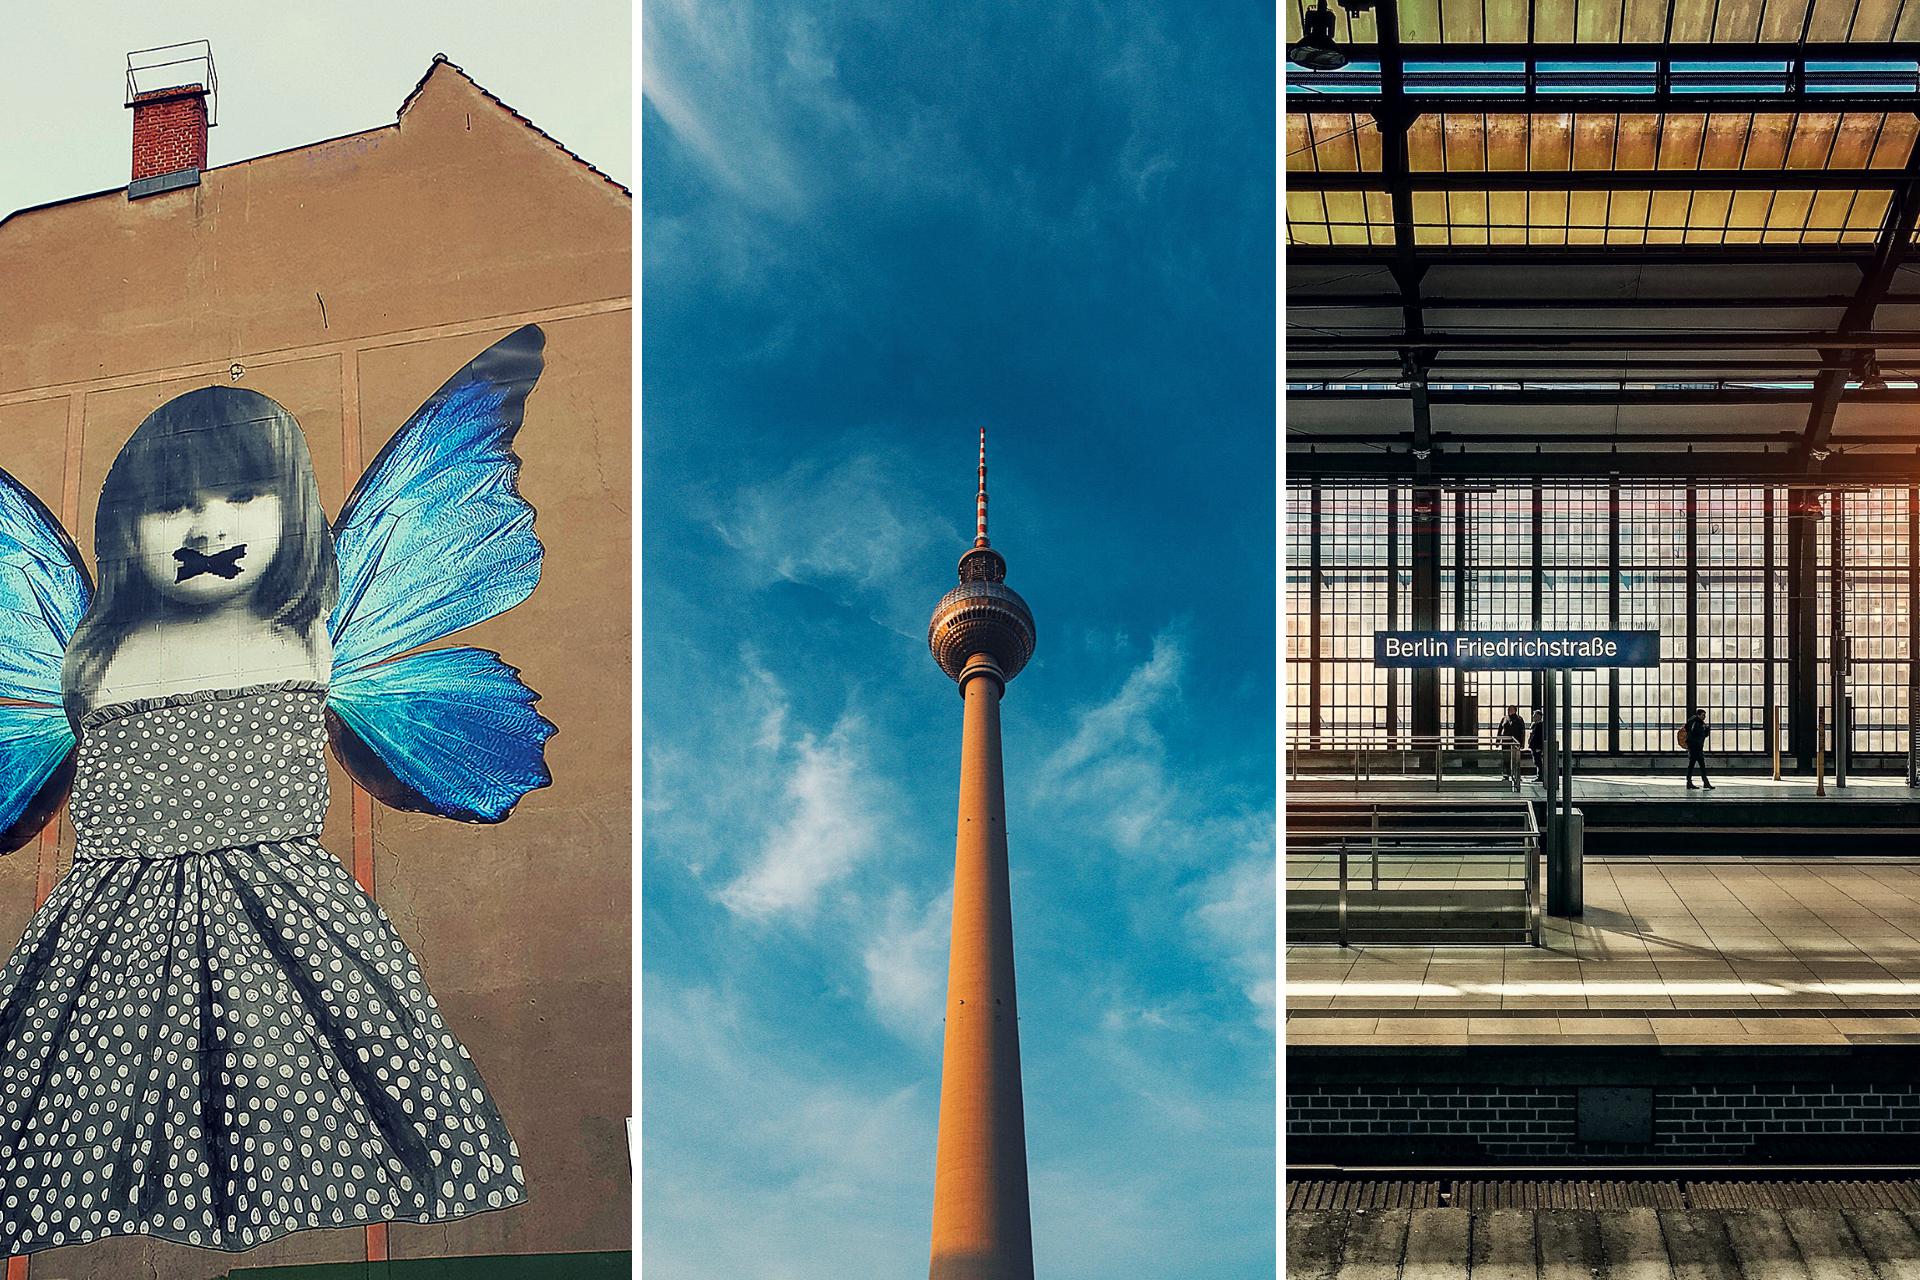 Berlino, Come Si Vive? 5 Cose Che Nessuna Guida Vi Dice